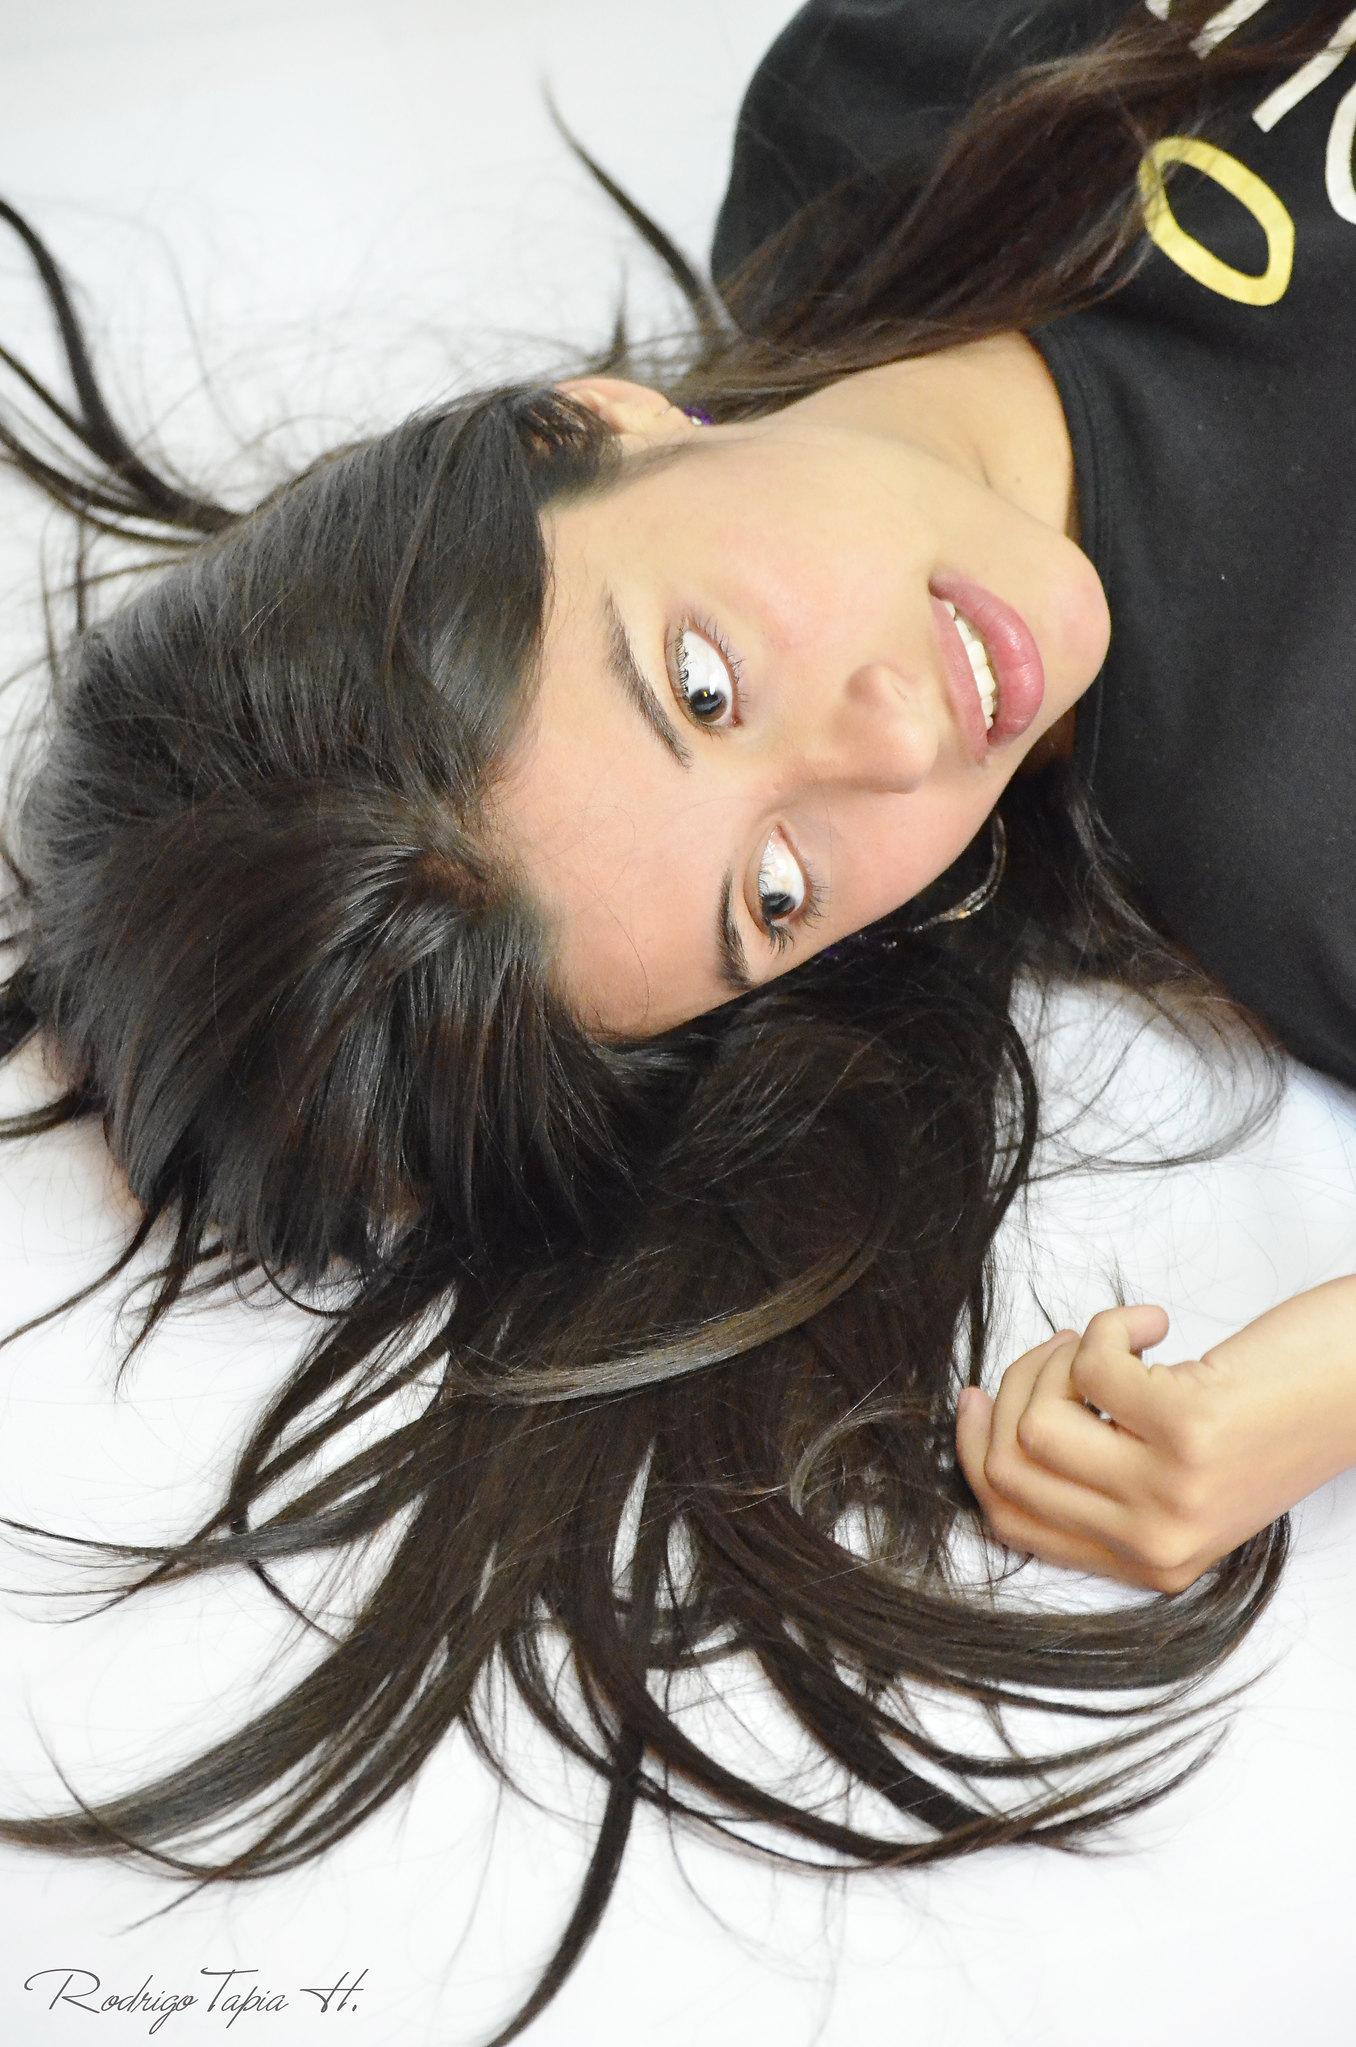 Katalina Tapia H.